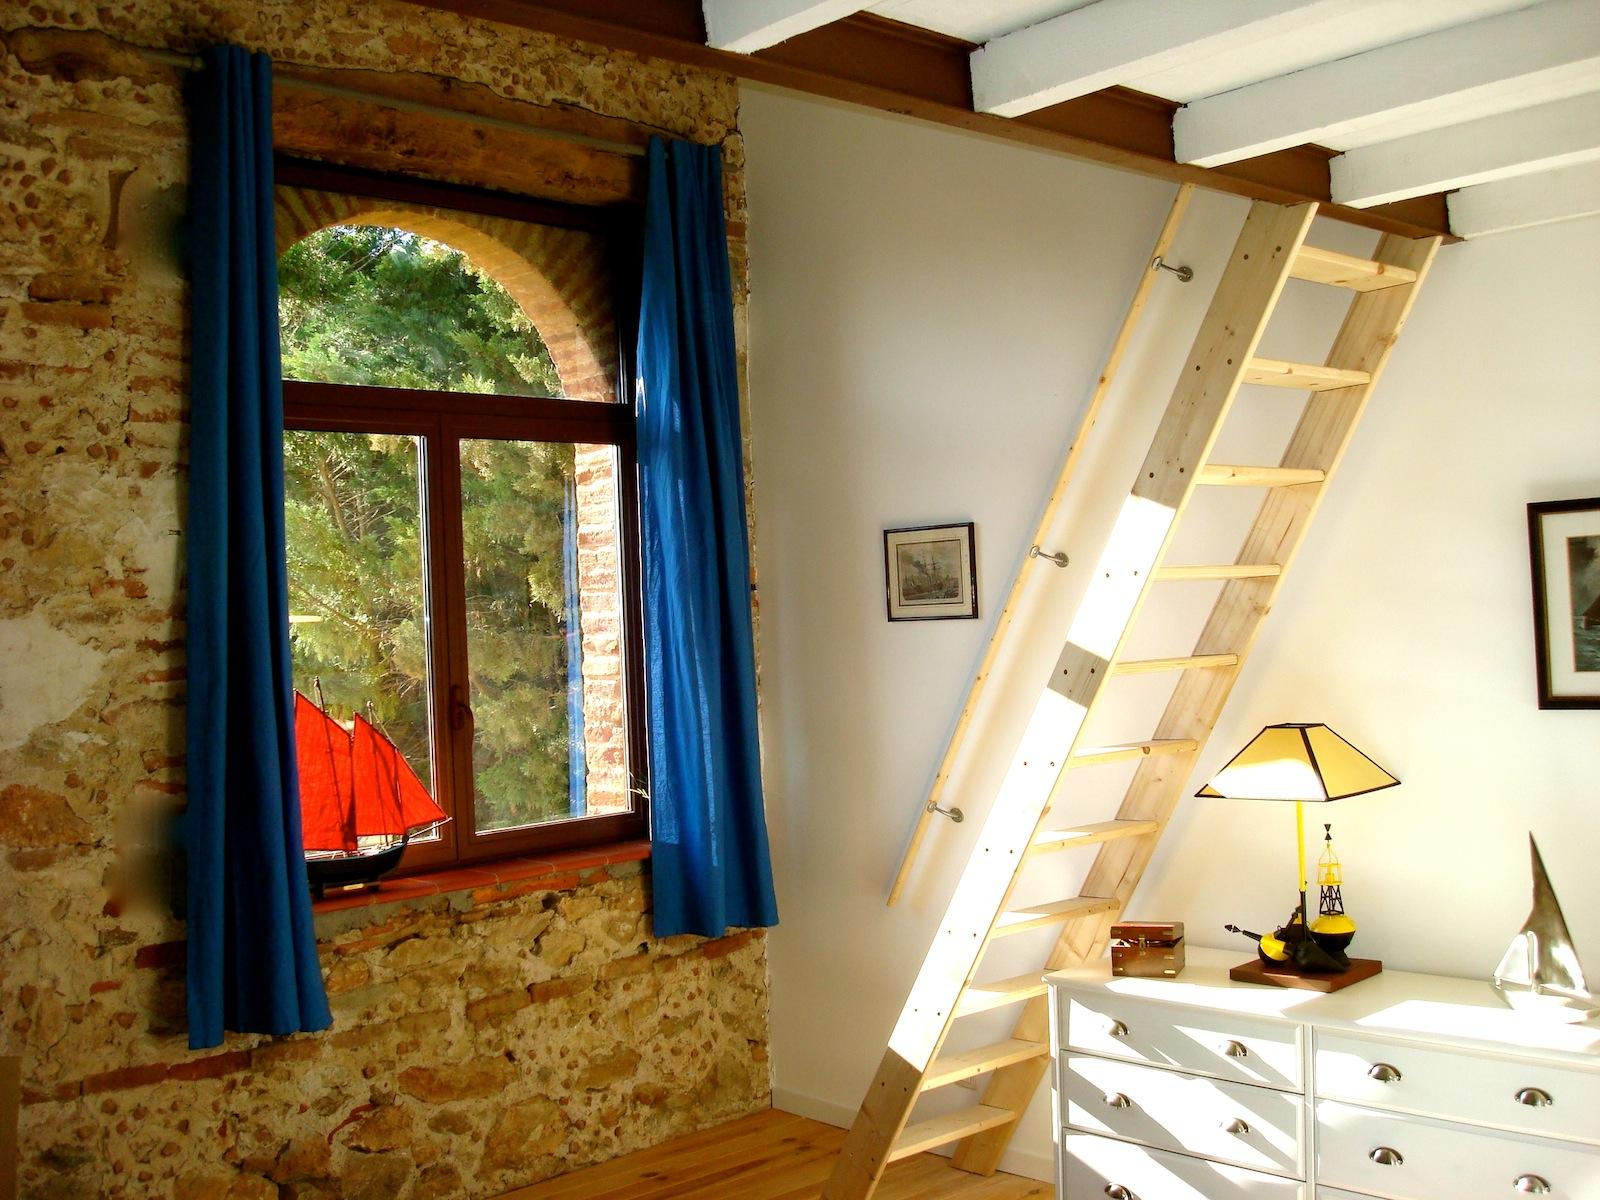 Location de chambre d h´tes dans les Pyrénées Orientales Marine